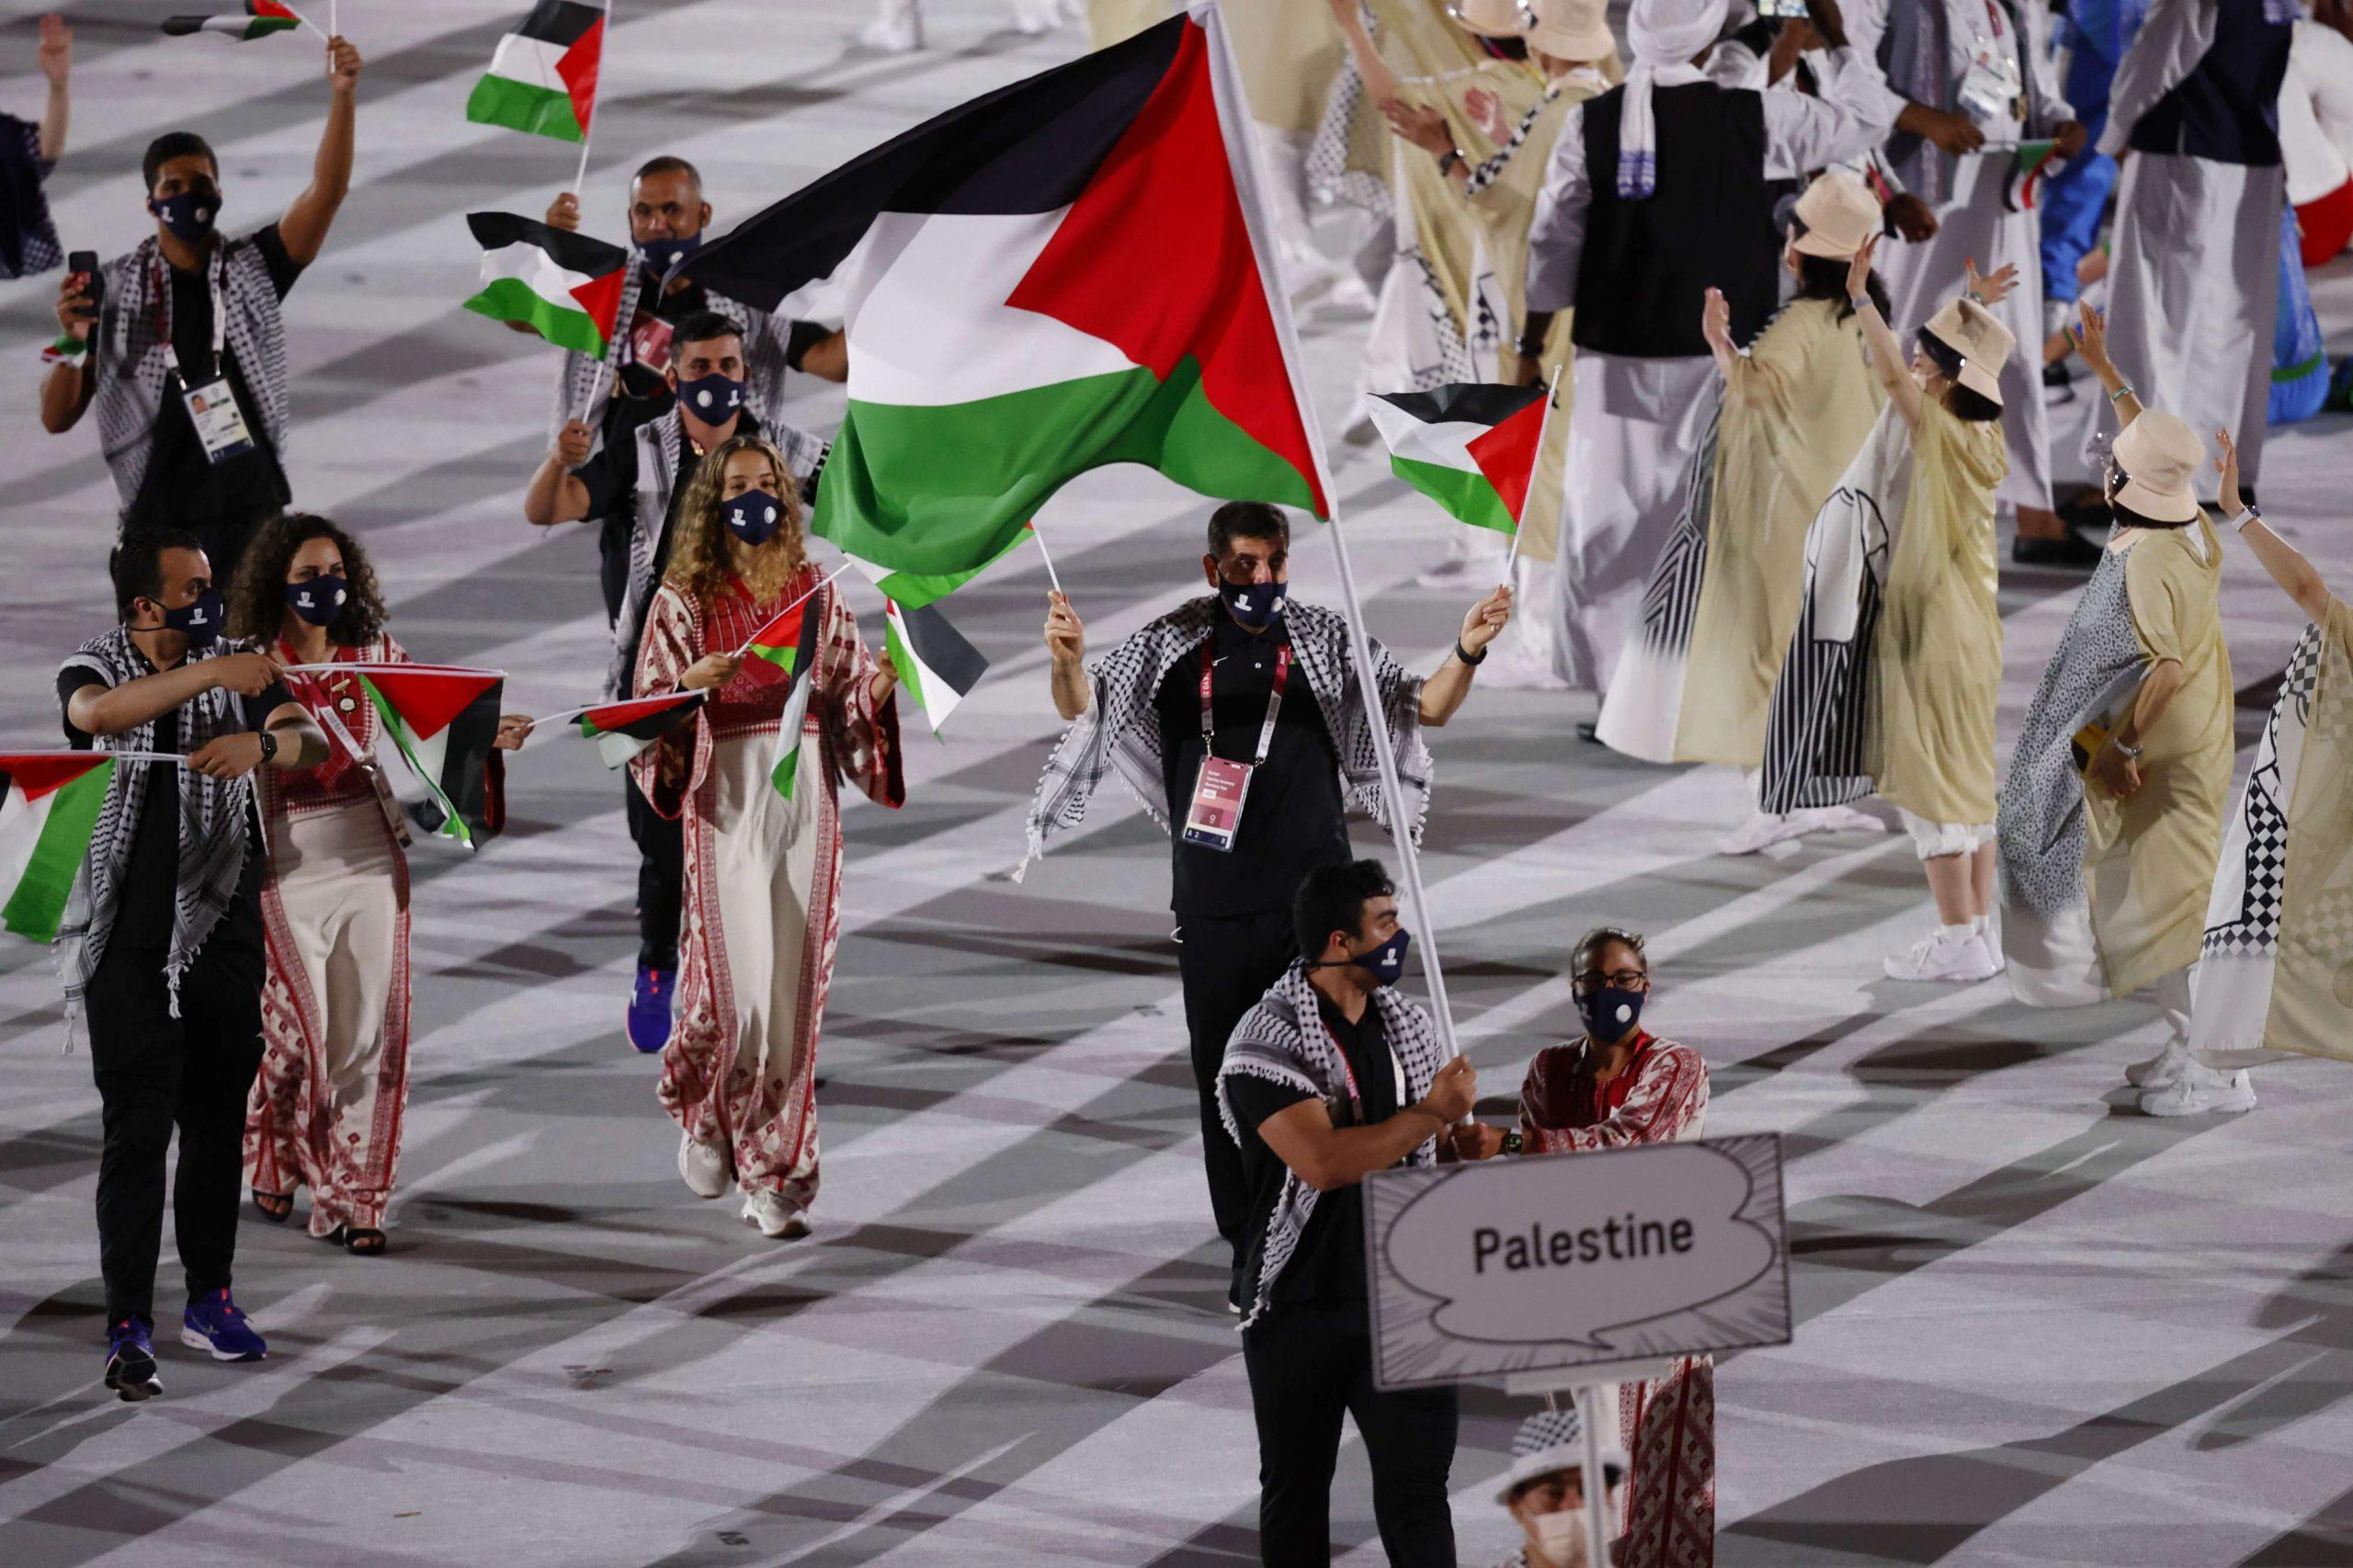 """قناة أمريكية تستعين بخريطة """"صفقة القرن"""" المجتزأة لفلسطين خلال أولمبياد طوكيو"""